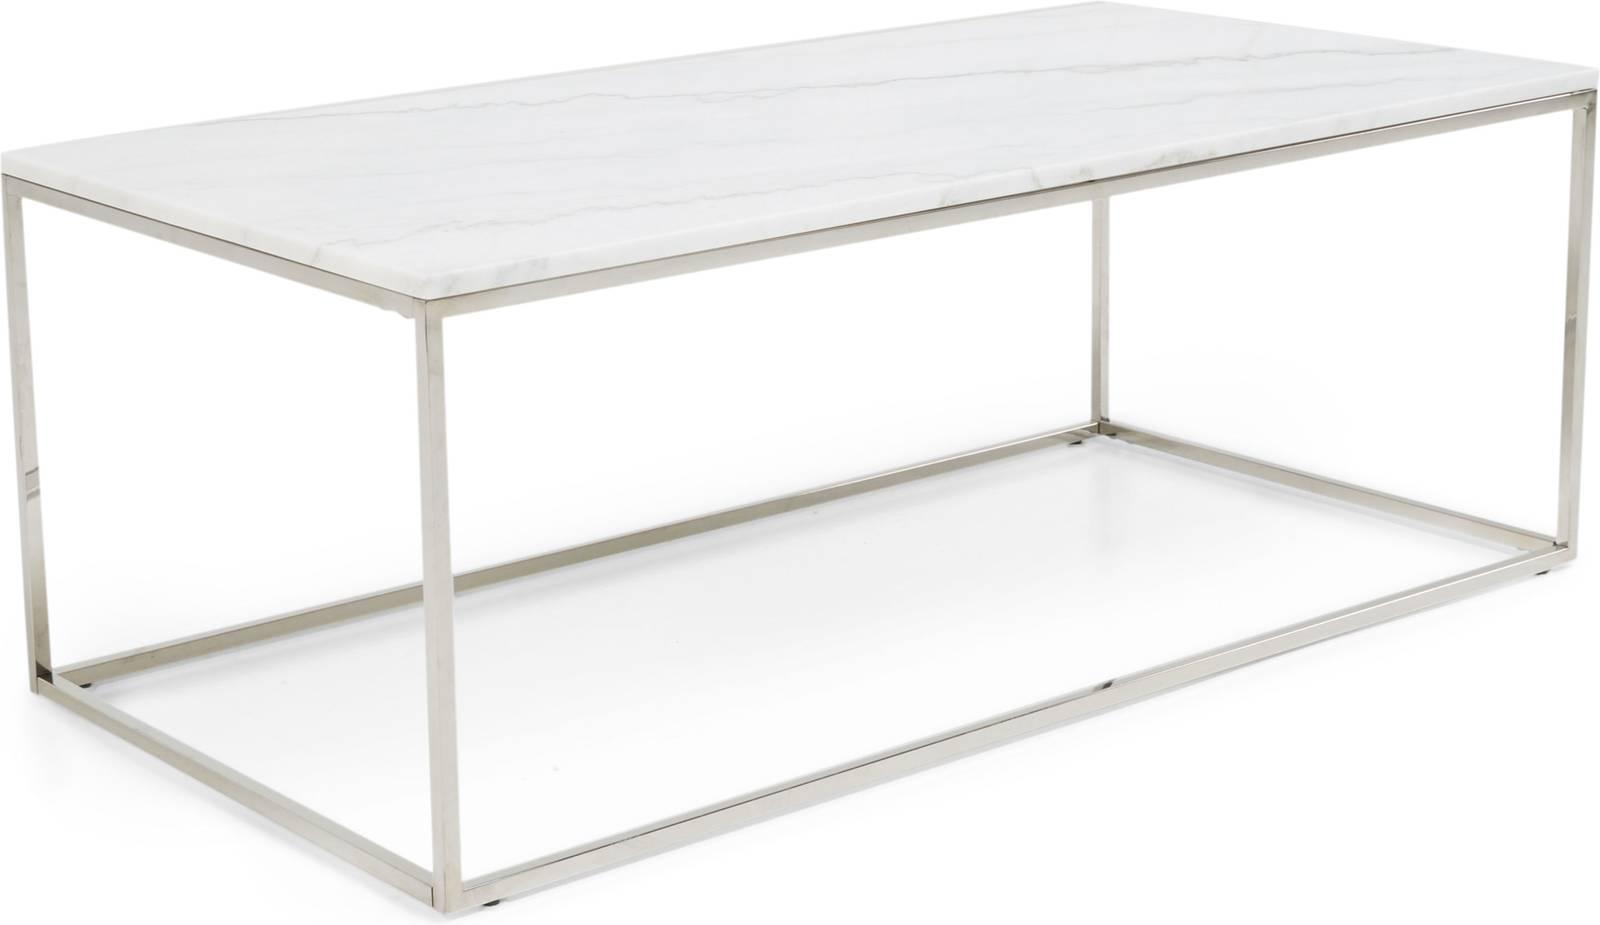 Sohvapöytä Olga 120x60x45 cm valkoinen marmori teräs teräs